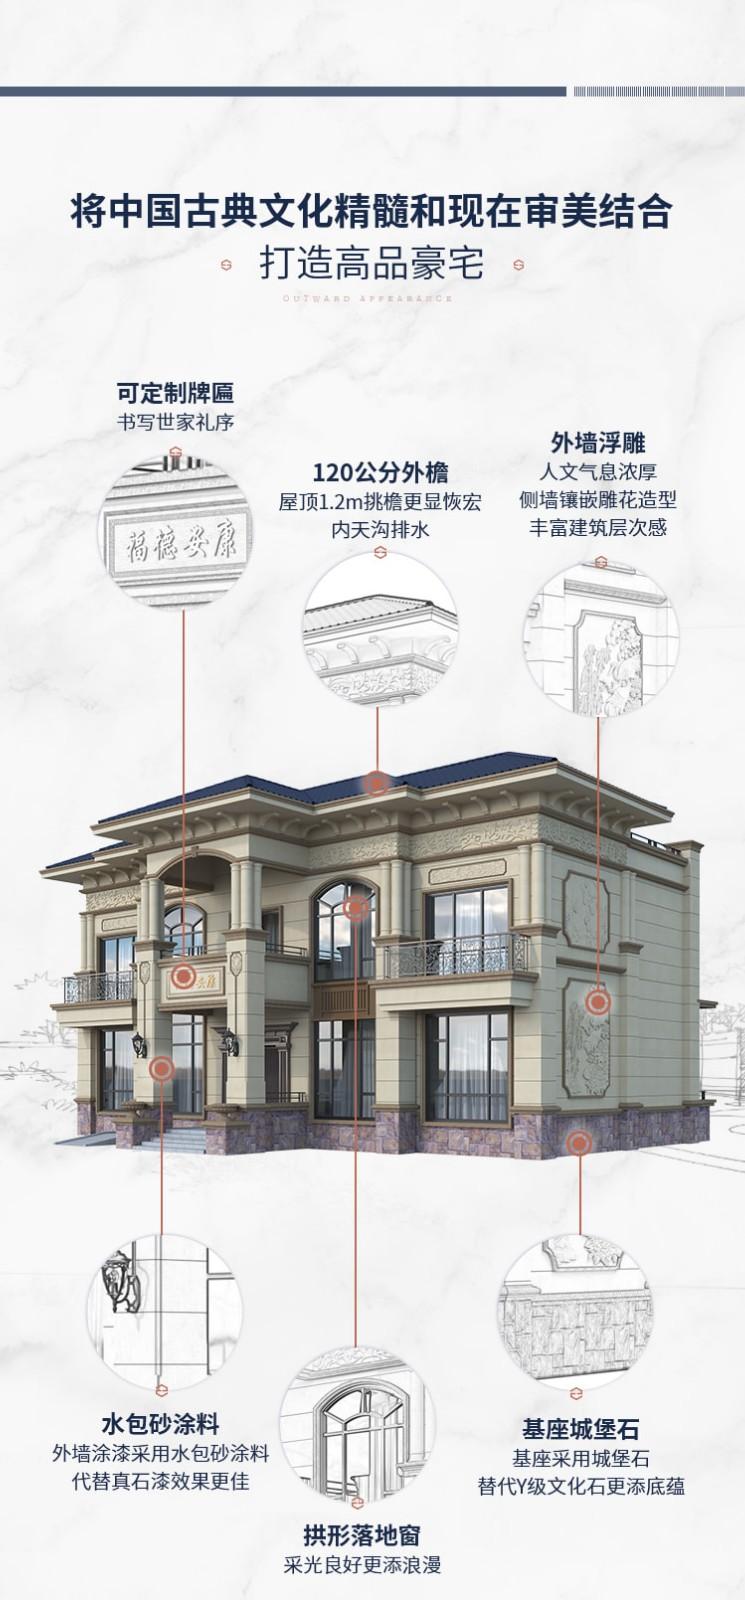 S6-2 【2021款】二层版阁楼款(精装交付)